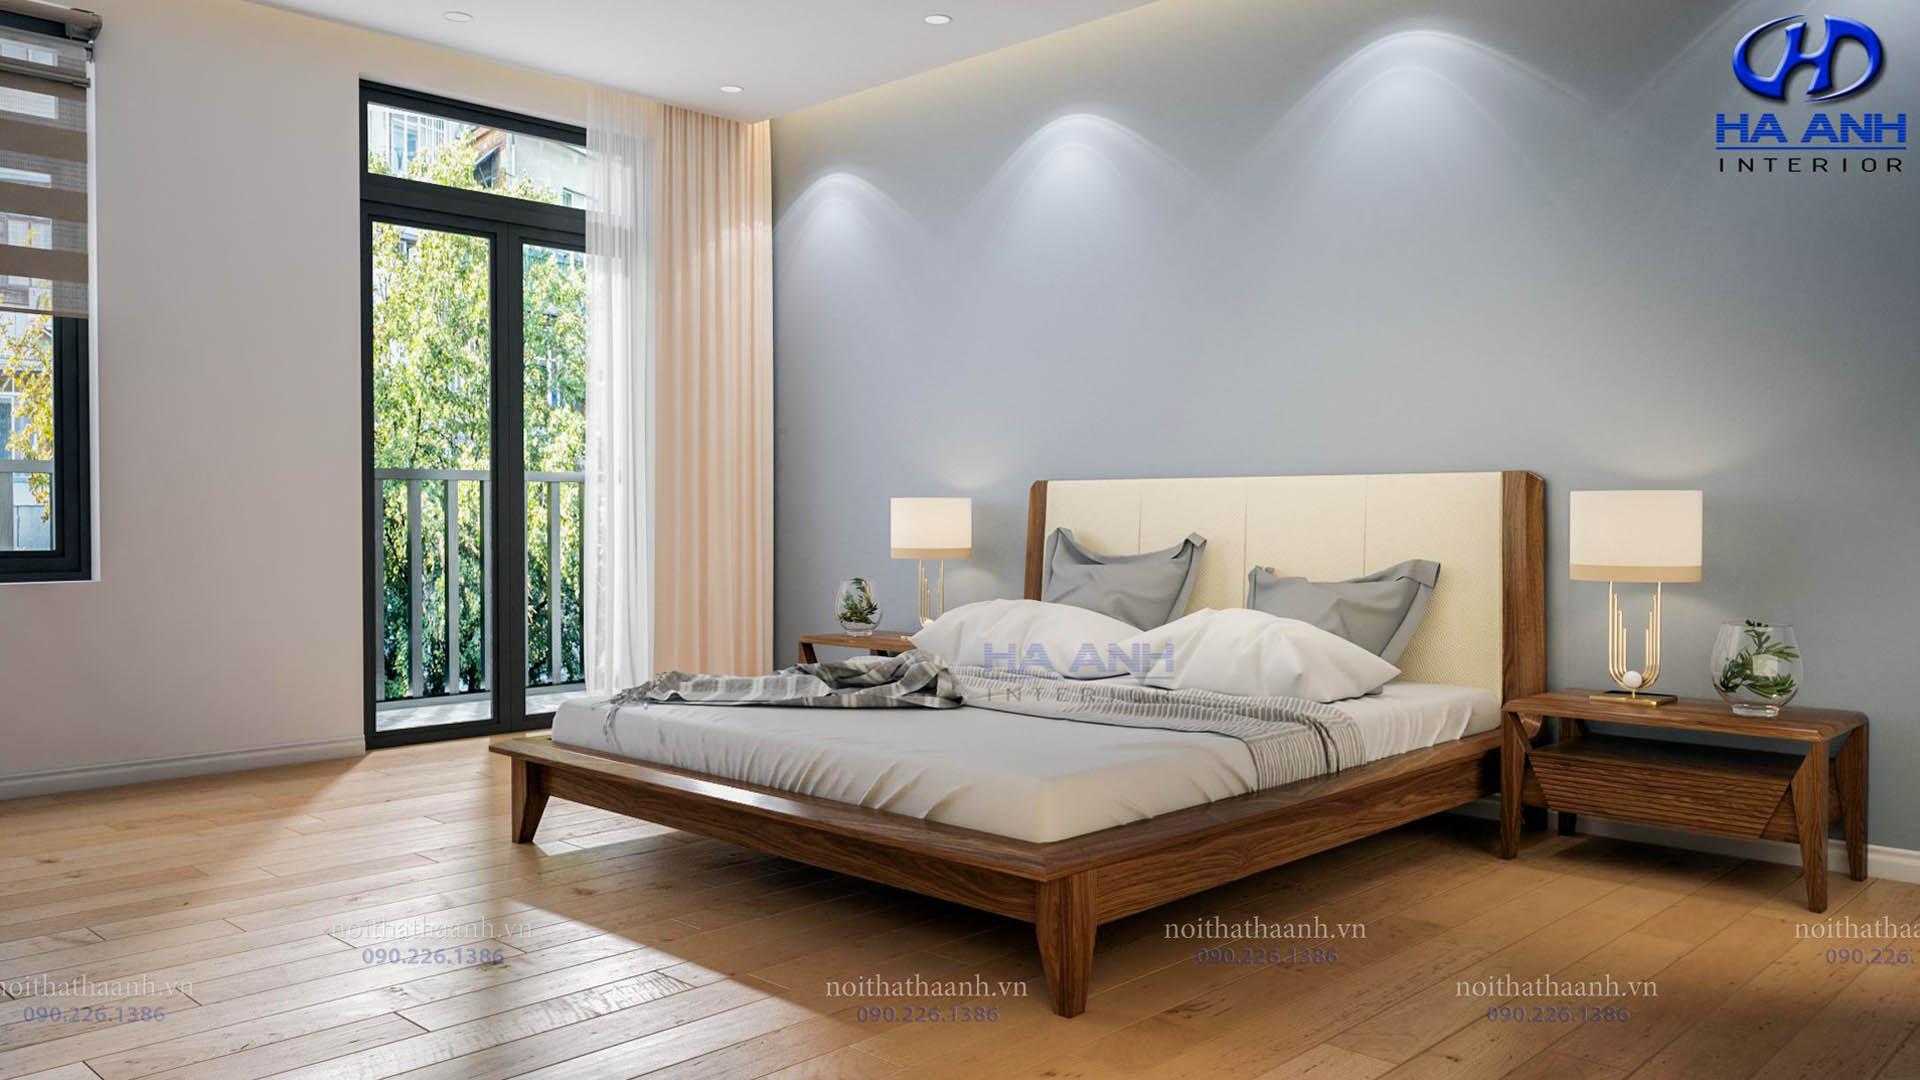 Giường ngủ gỗ Óc Chó Hà Anh HAT- 0245